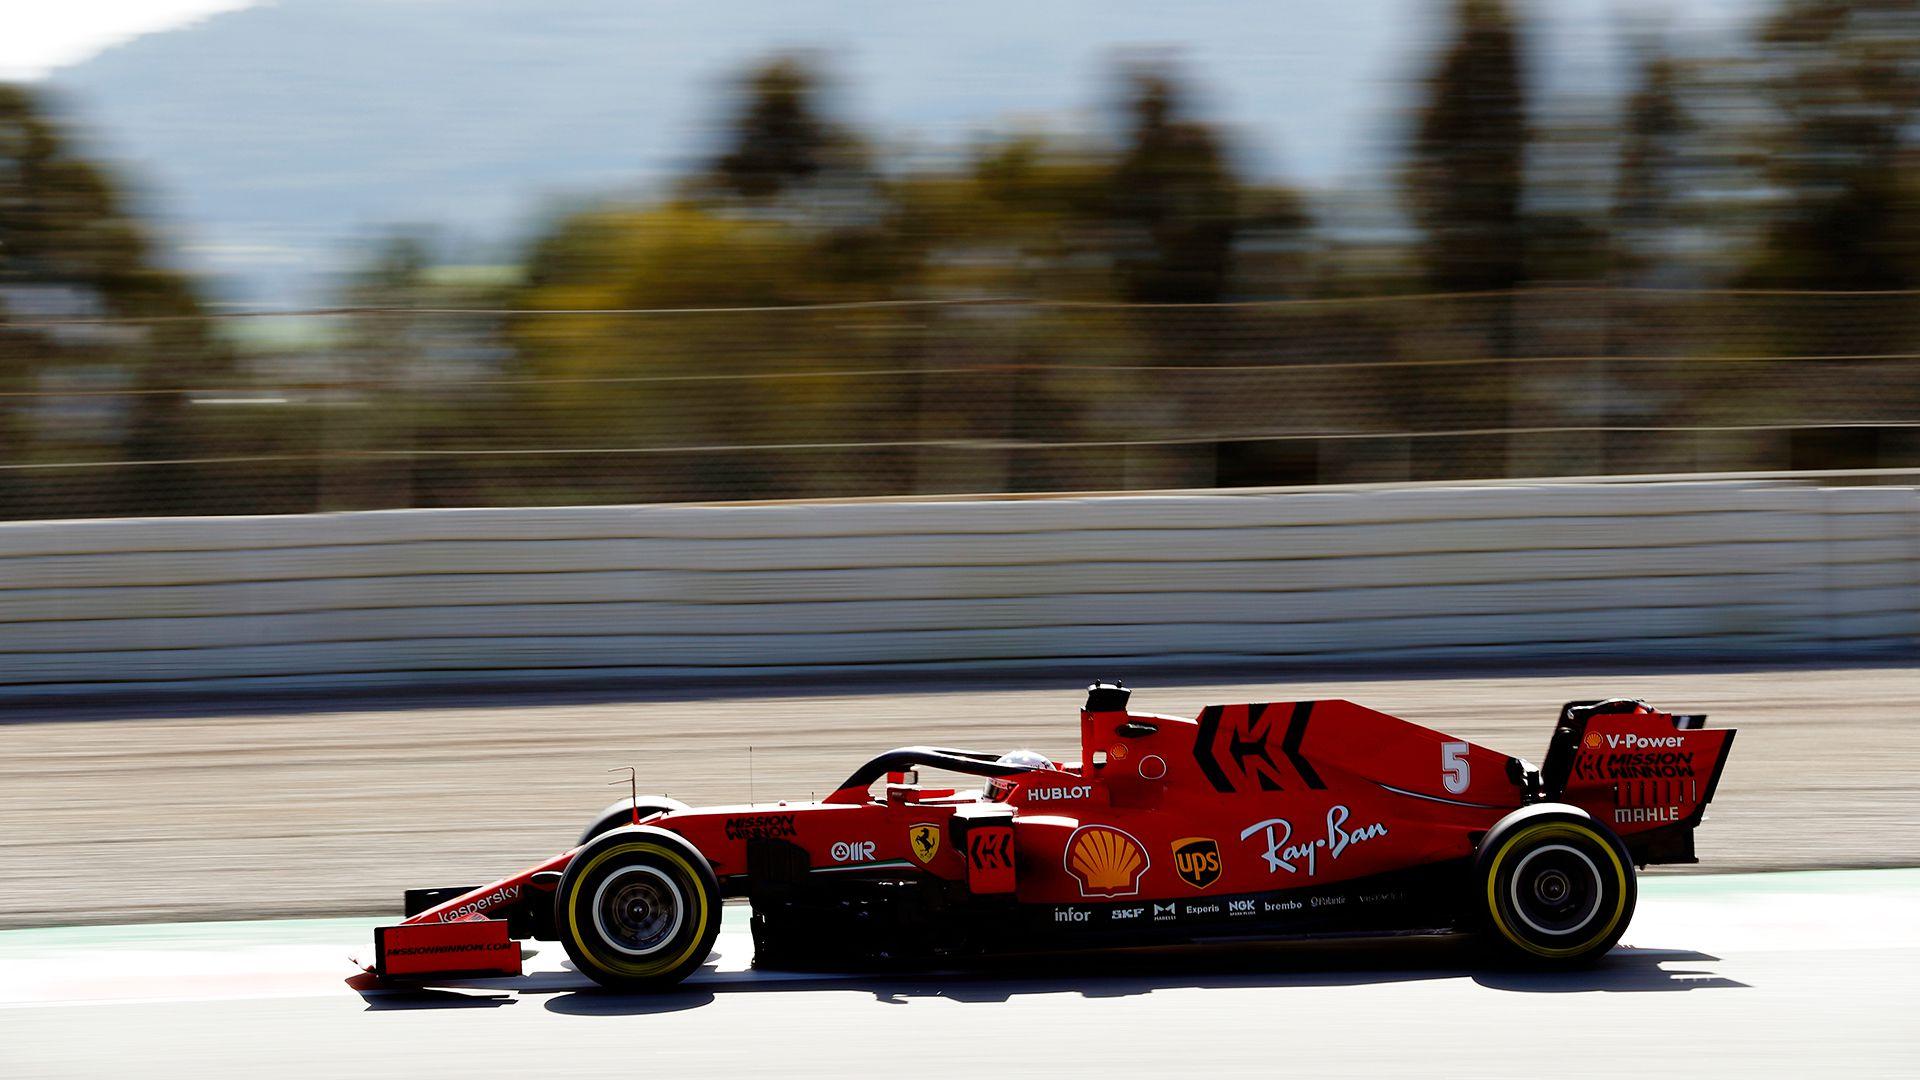 """Sebastian Vettel en acción. No seguirá en Ferrari el año próximo. Afirmó que """"no le ofrecieron renovar su contrato"""". El alemán suena para correr en Aston Martin en 2021 (Prensa Pirelli)."""